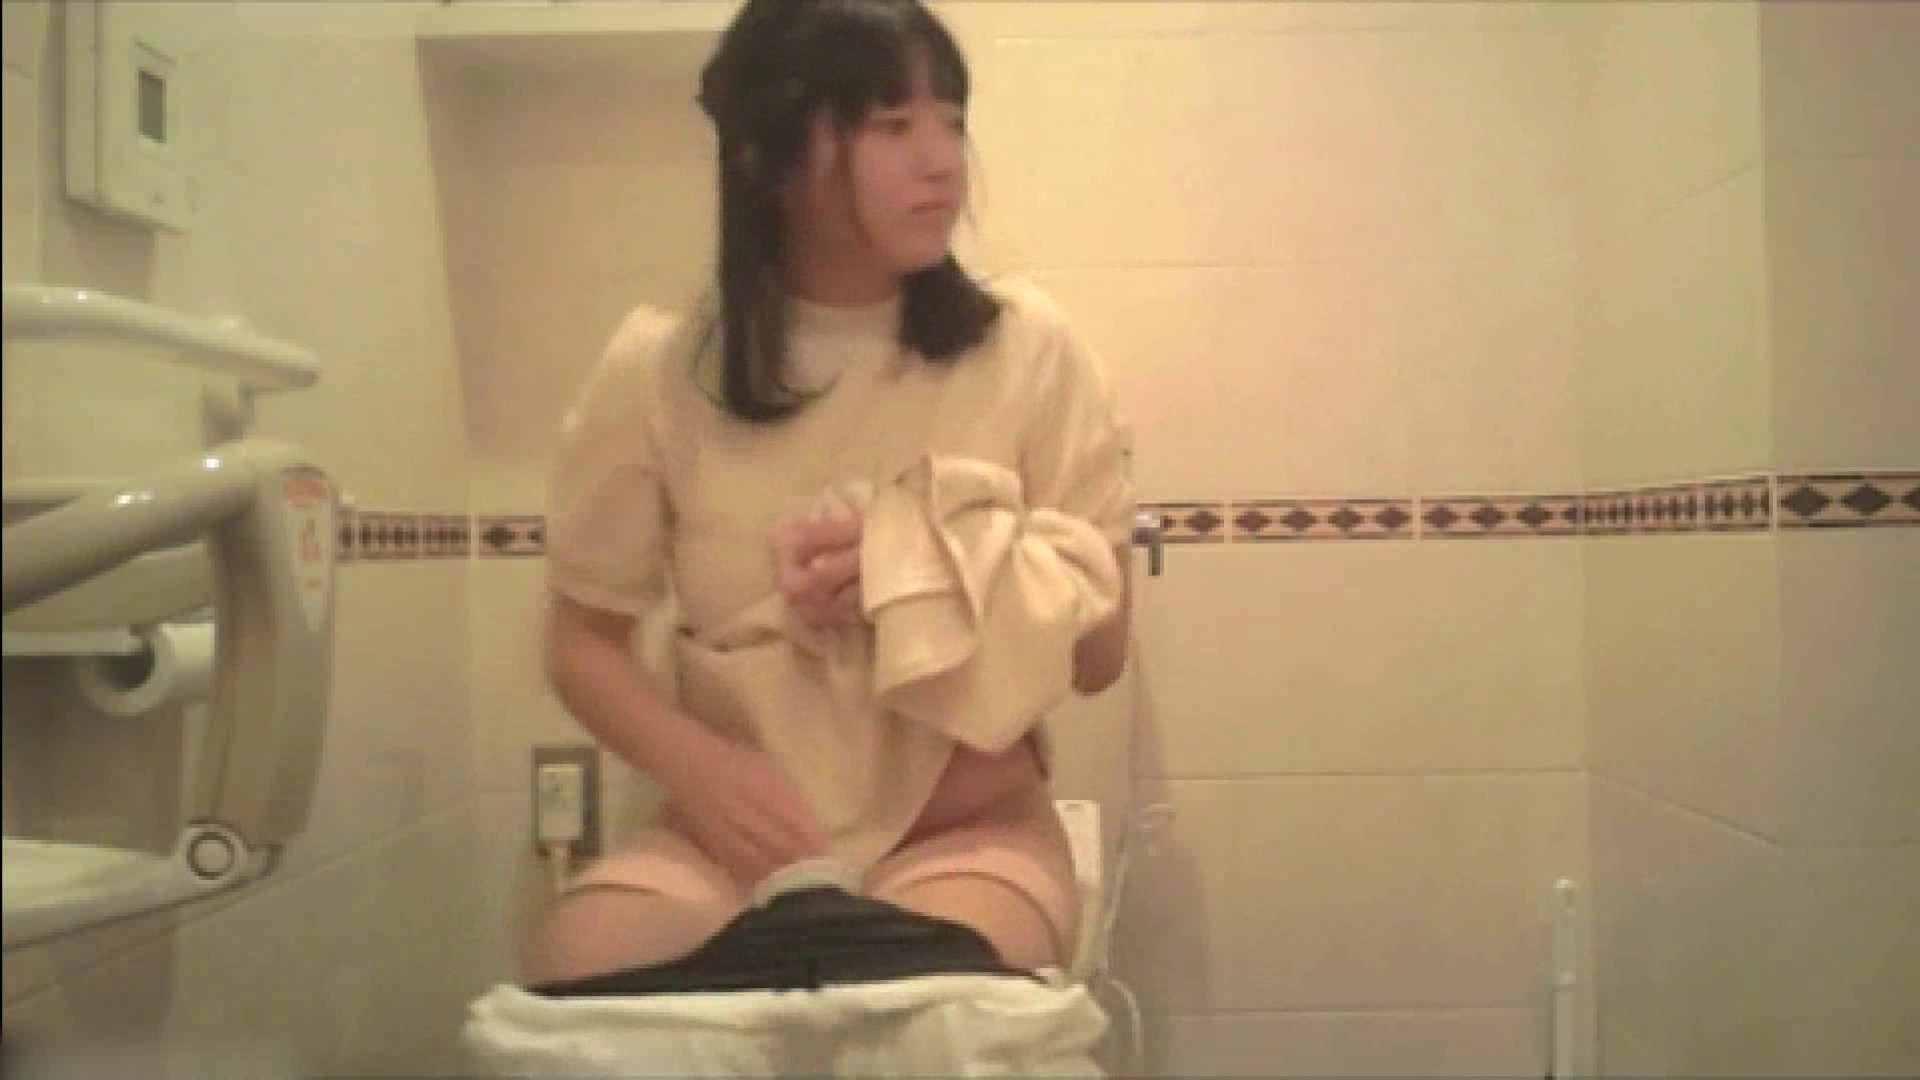 実録!!綺麗なお姉さんのトイレ事情・・・。vol.18 OL  68枚 4